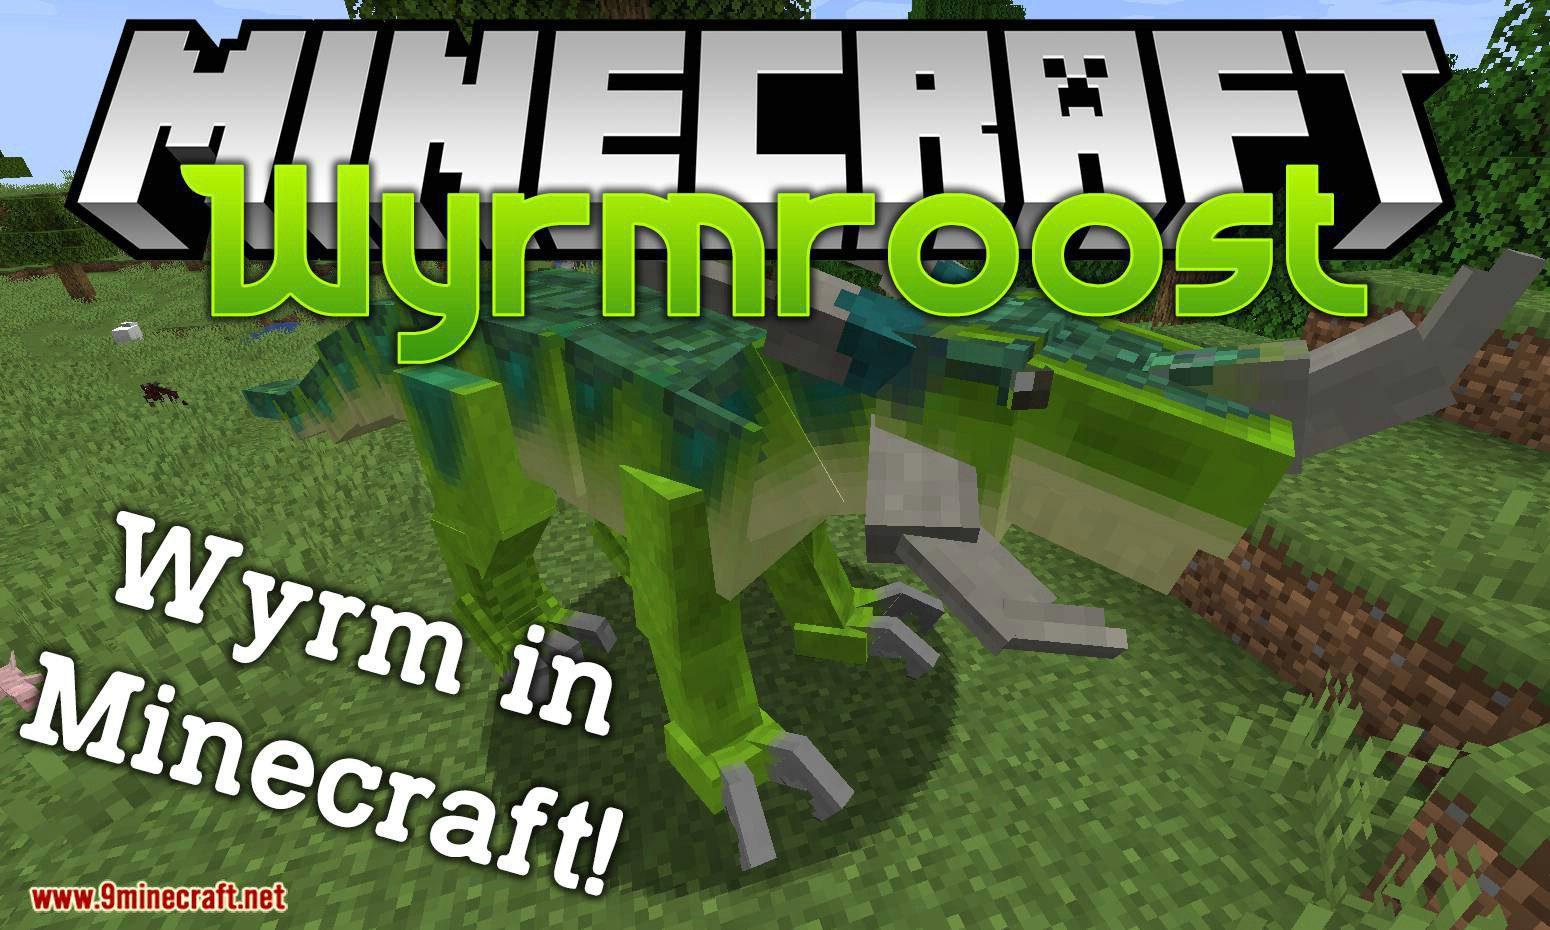 Wyrmroost mod for minecraft logo